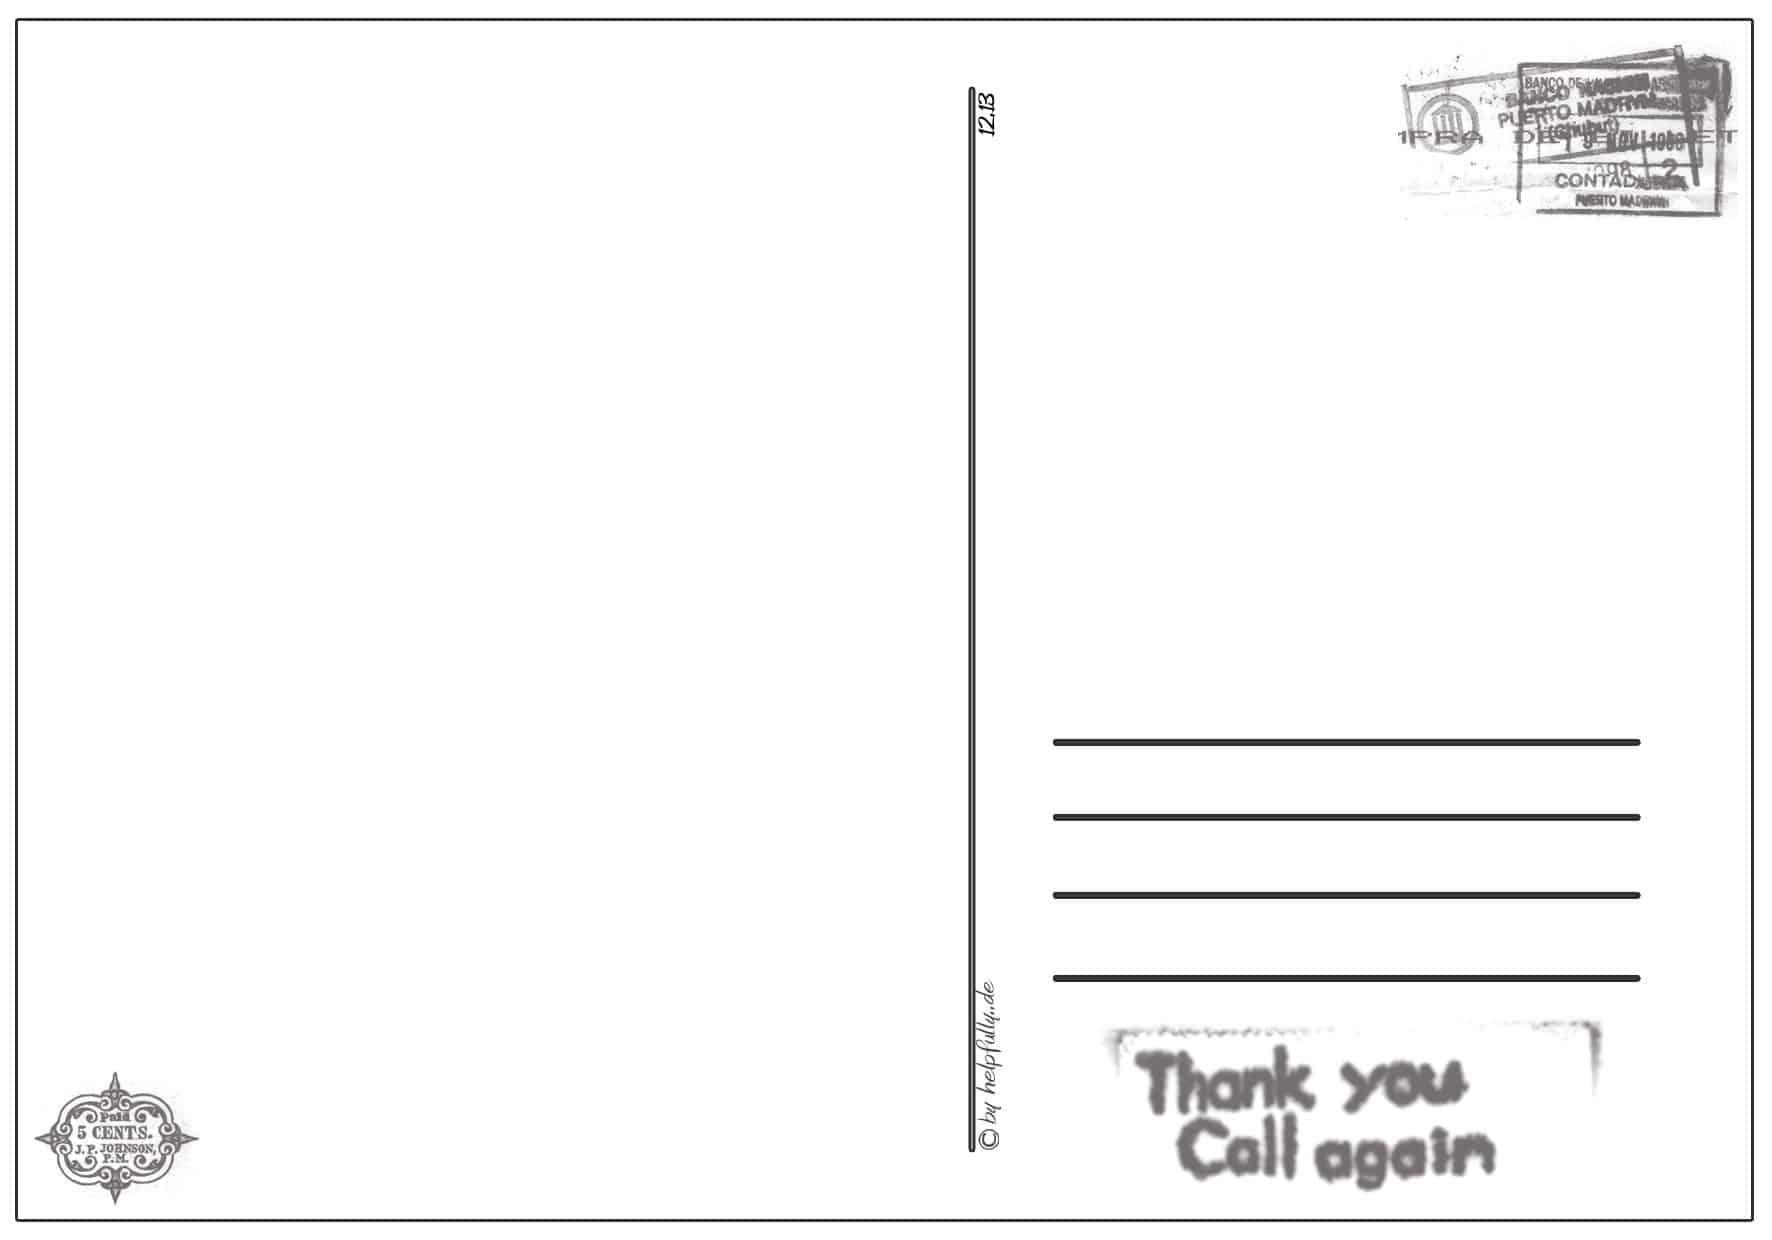 Karten, Postkarten, Einladungen| Gratis Papier-Vorlagen Zum mit Postkarten Kostenlos Drucken